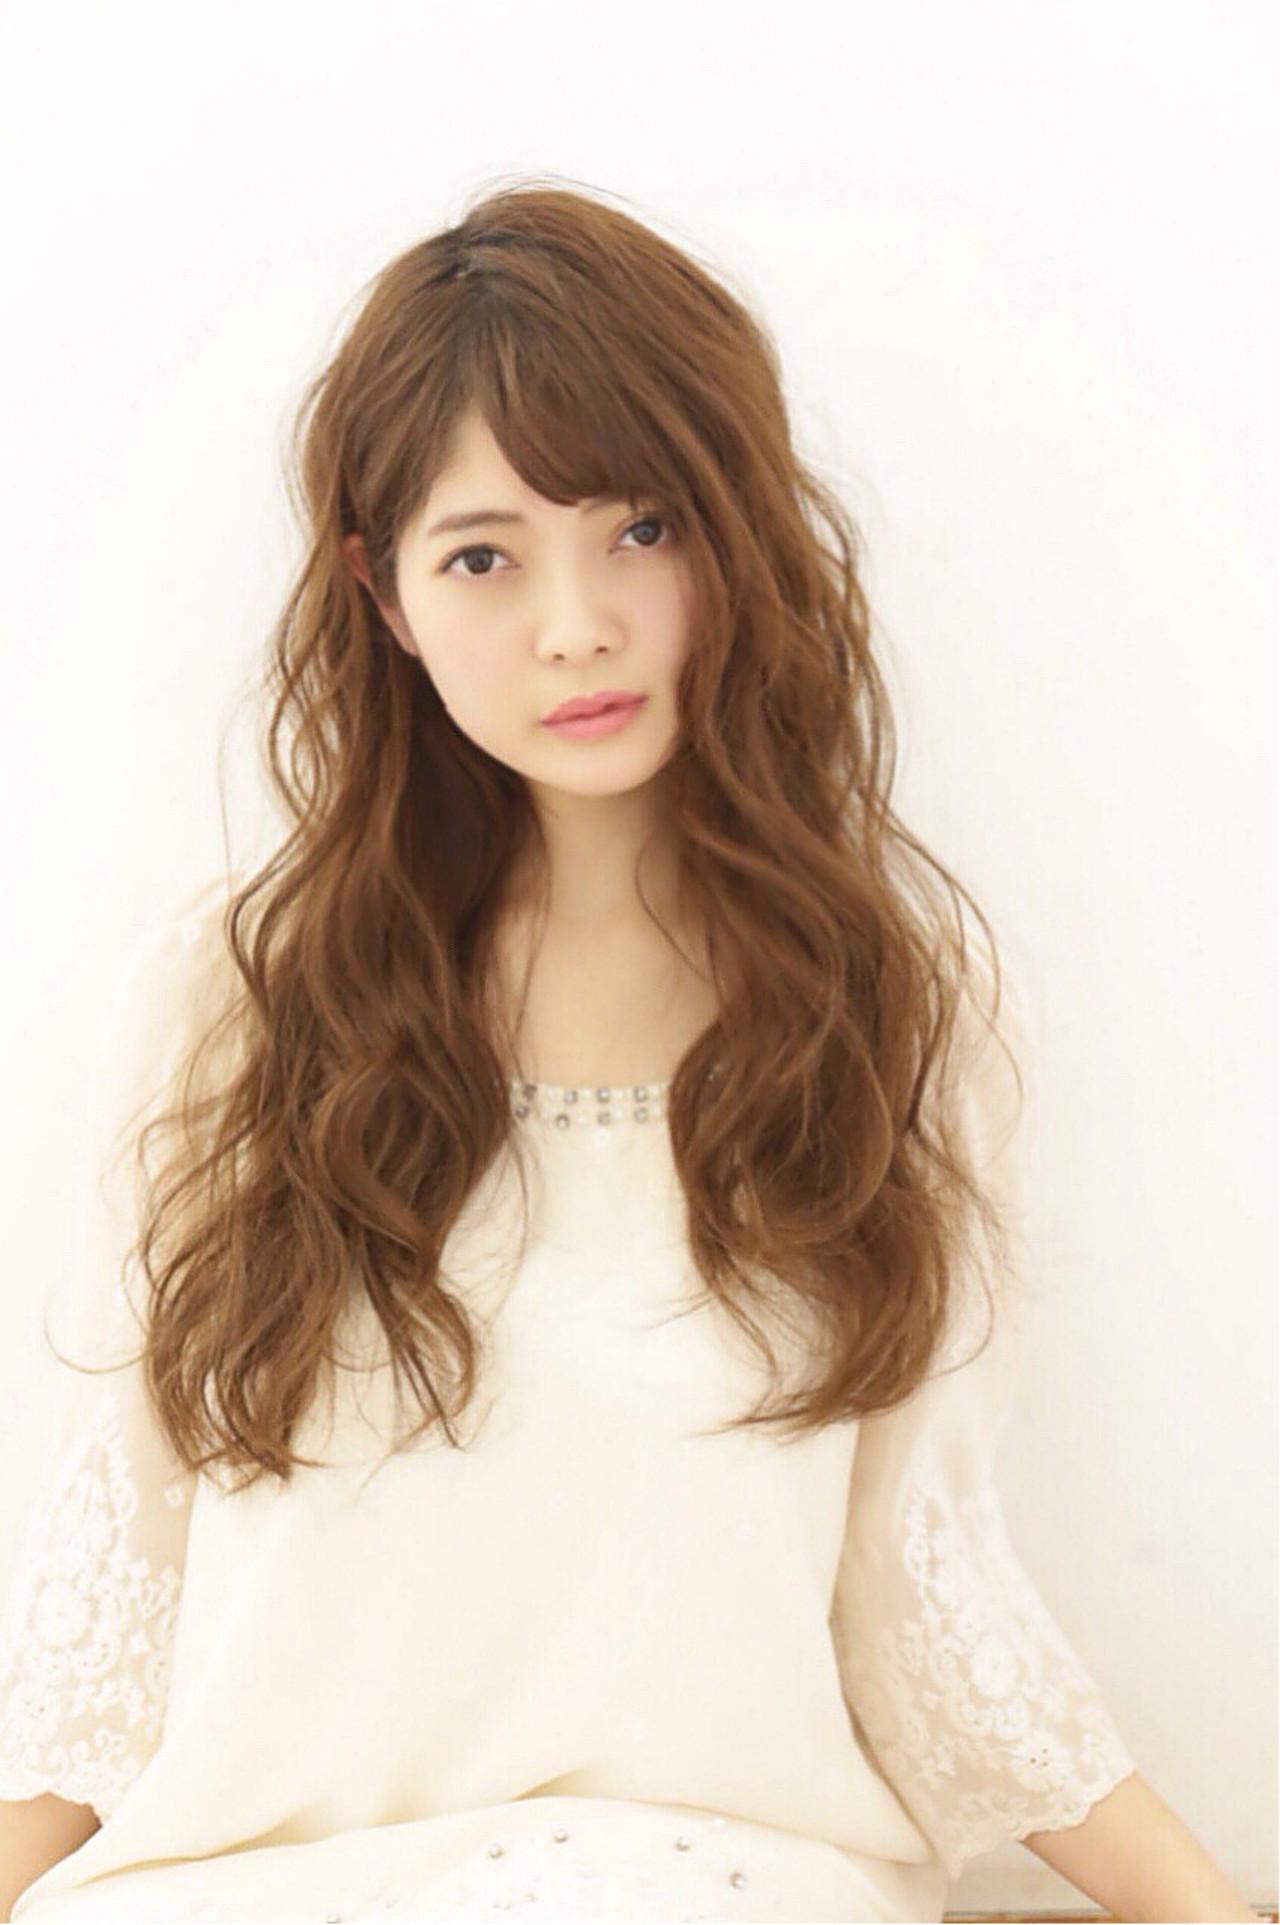 ヘアアレンジ フェミニン ウェーブ ふわふわ ヘアスタイルや髪型の写真・画像